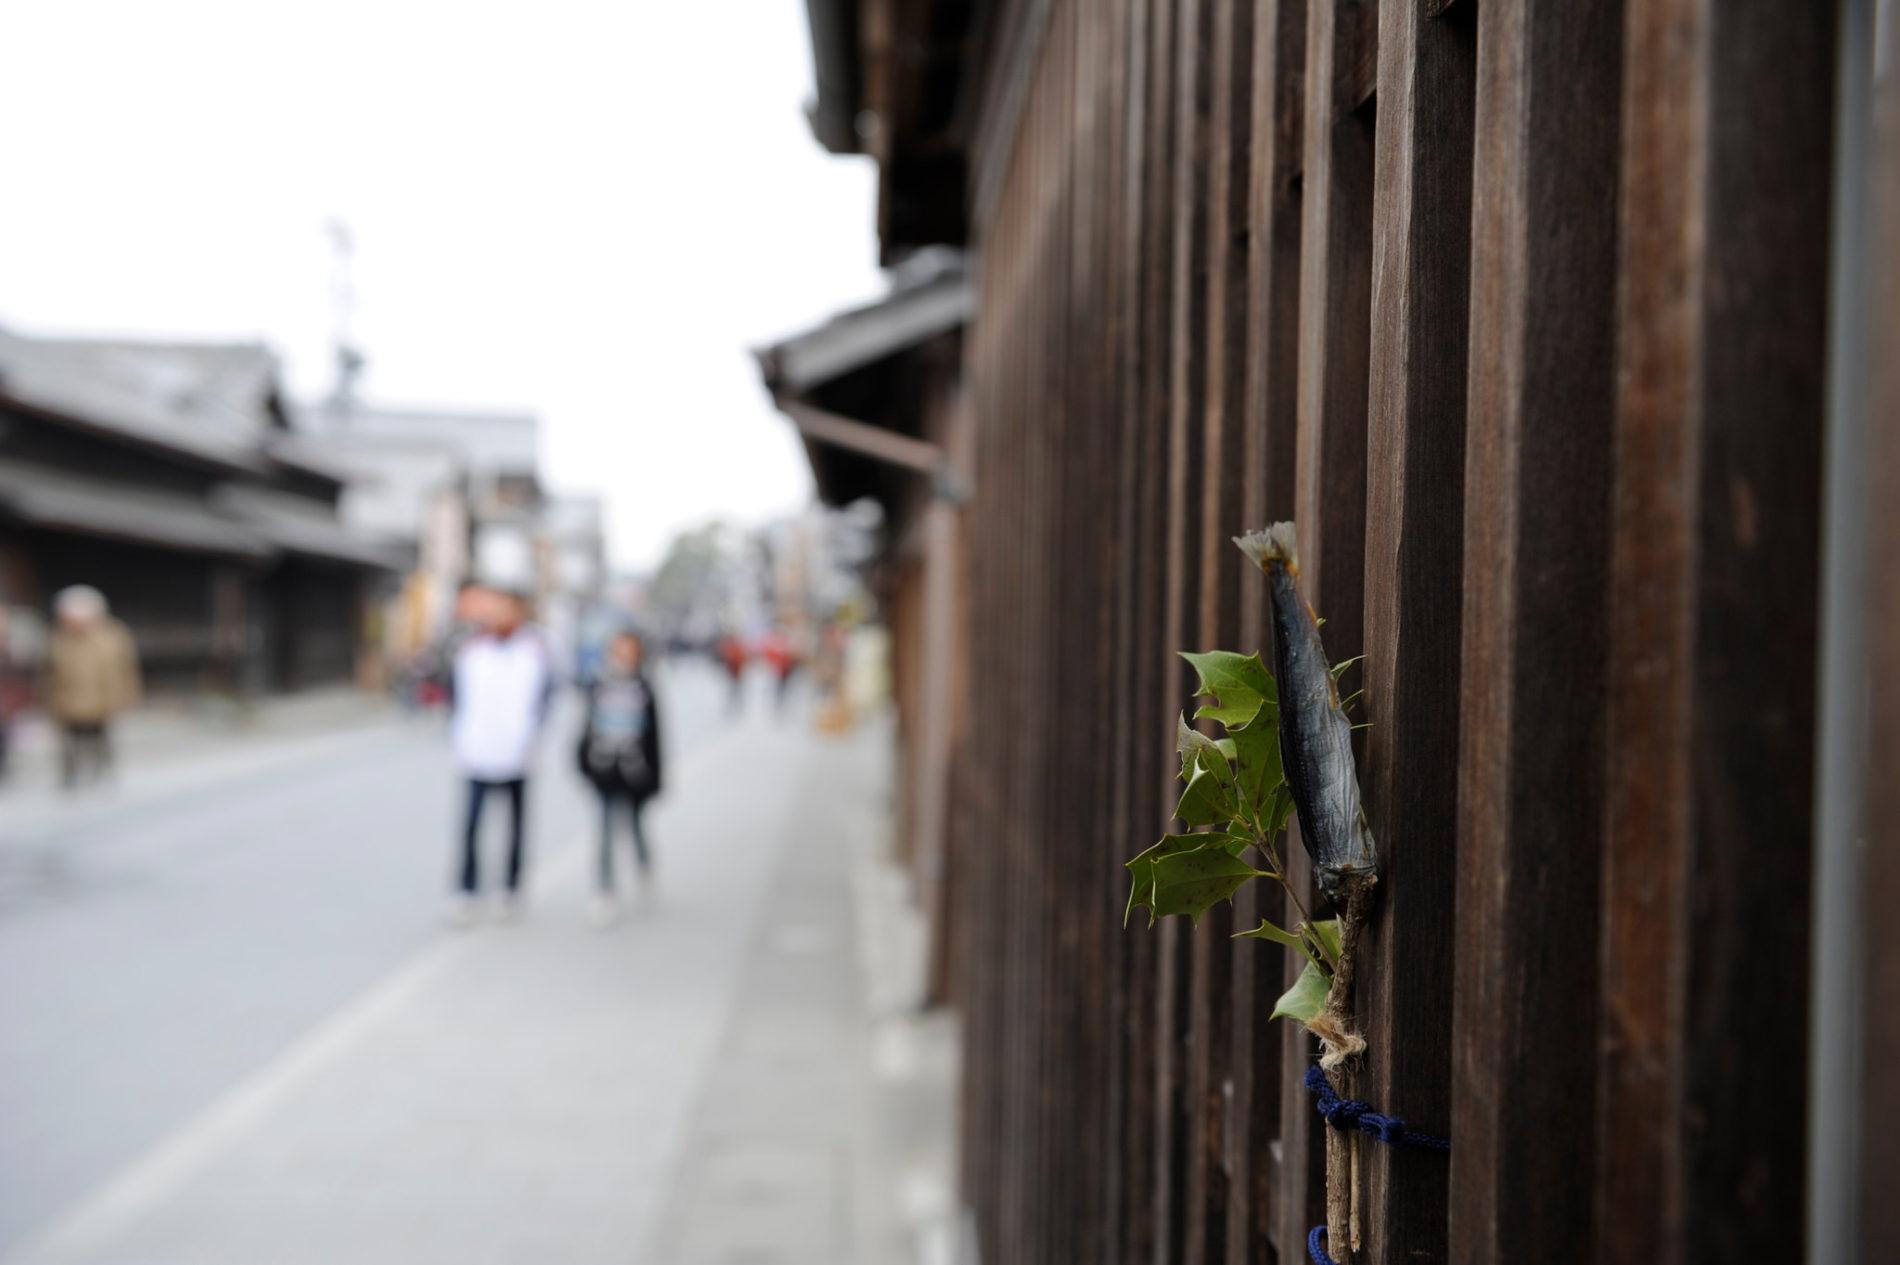 Der Tradition nach steckt man Sardinenköpfe auf Stechpalmenzweige. hier wurde der Kopf wahrscheinlich verbrannt und stattdessen der verbleibende Körper verwendet. (Foto: Bong Grit auf Flickr)